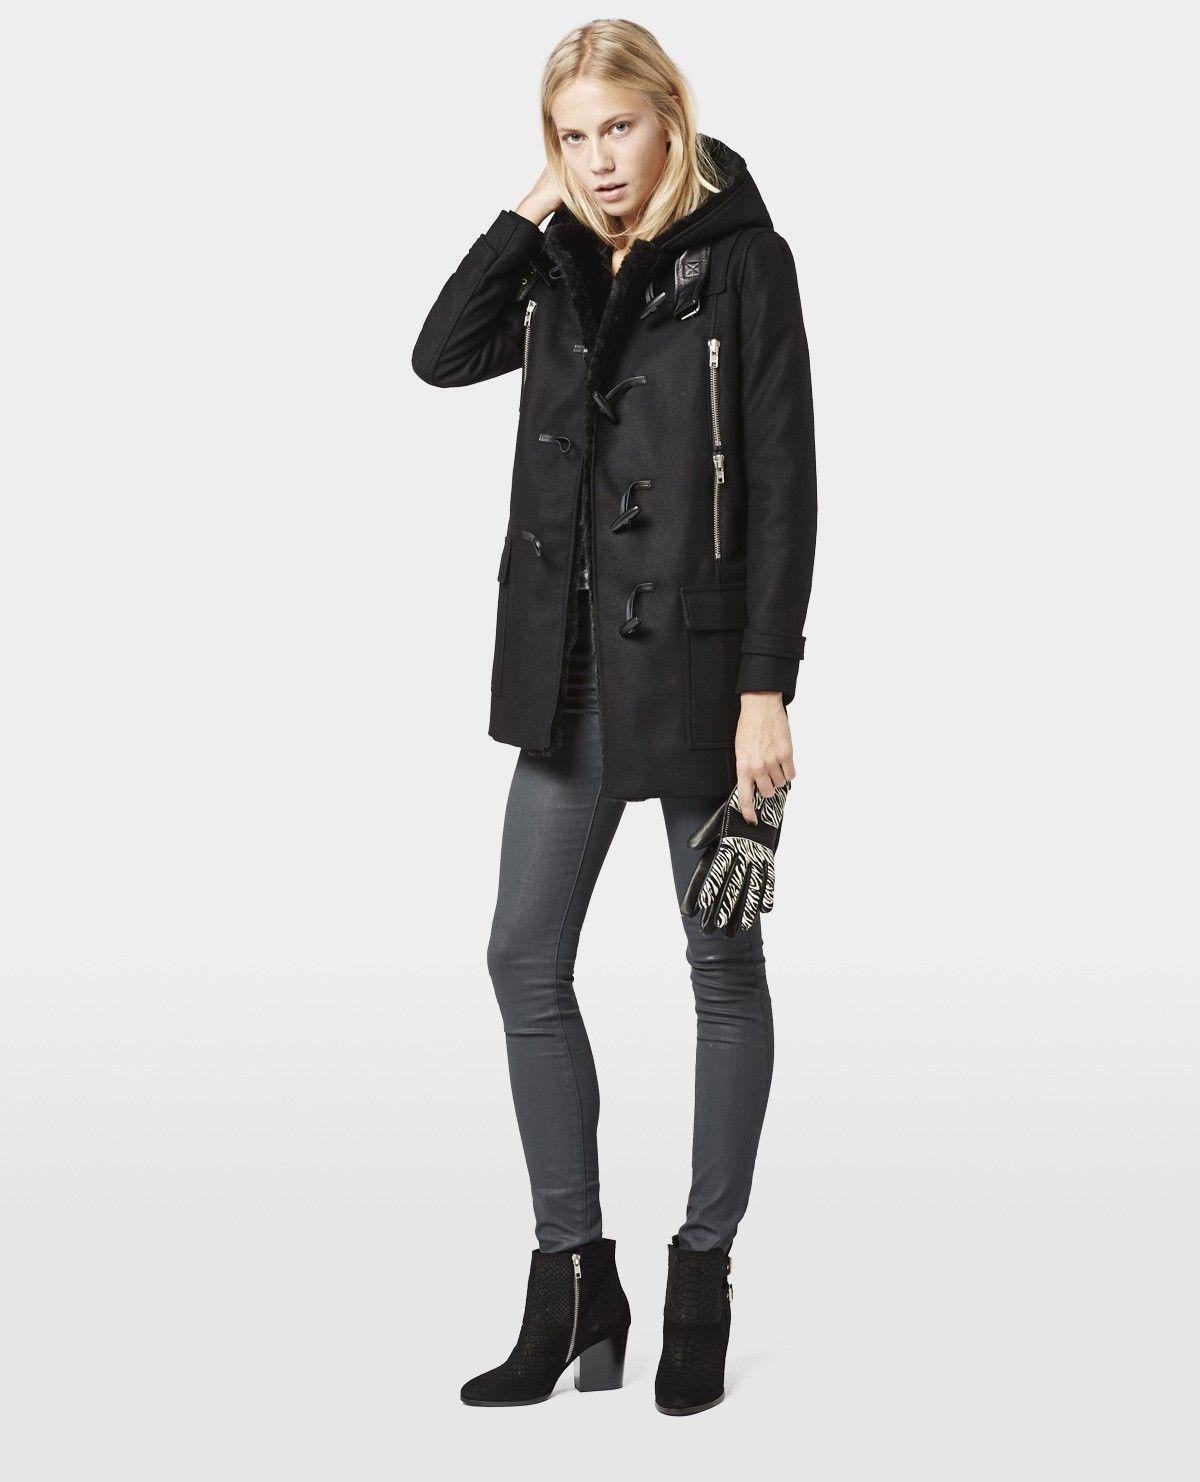 Duffle coat en drap de laine à détails en cuir et fourrure - Soldes Femme -  The Kooples 67c021cf0061